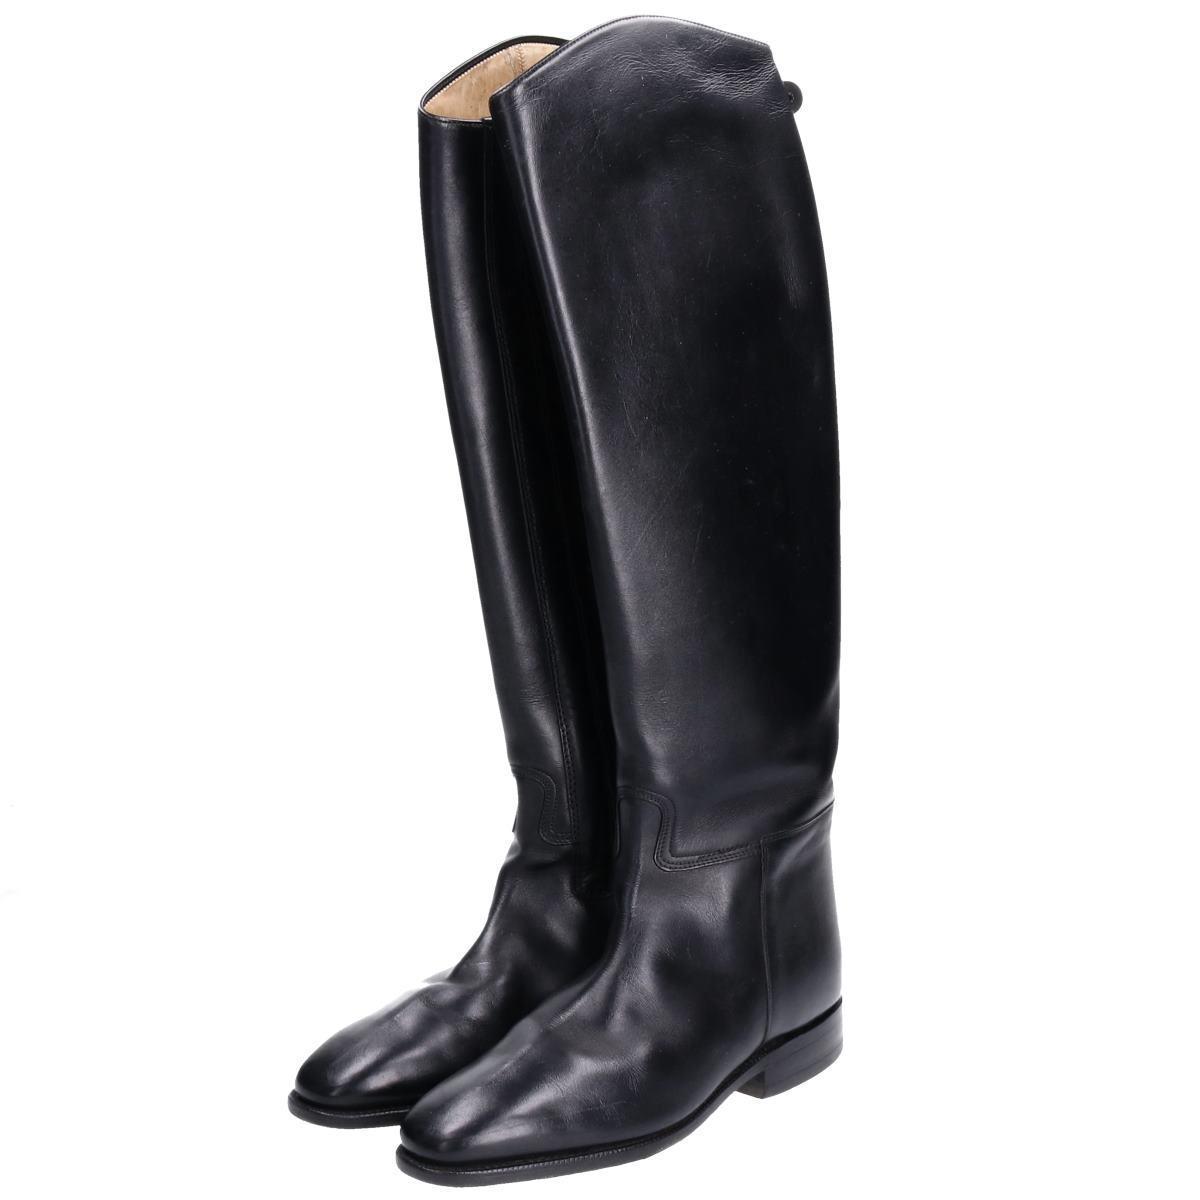 カバロ Cavallo ジョッキー乗馬ブーツ メンズ26.0cm ヴィンテージ /boq3997 【中古】 【190928】